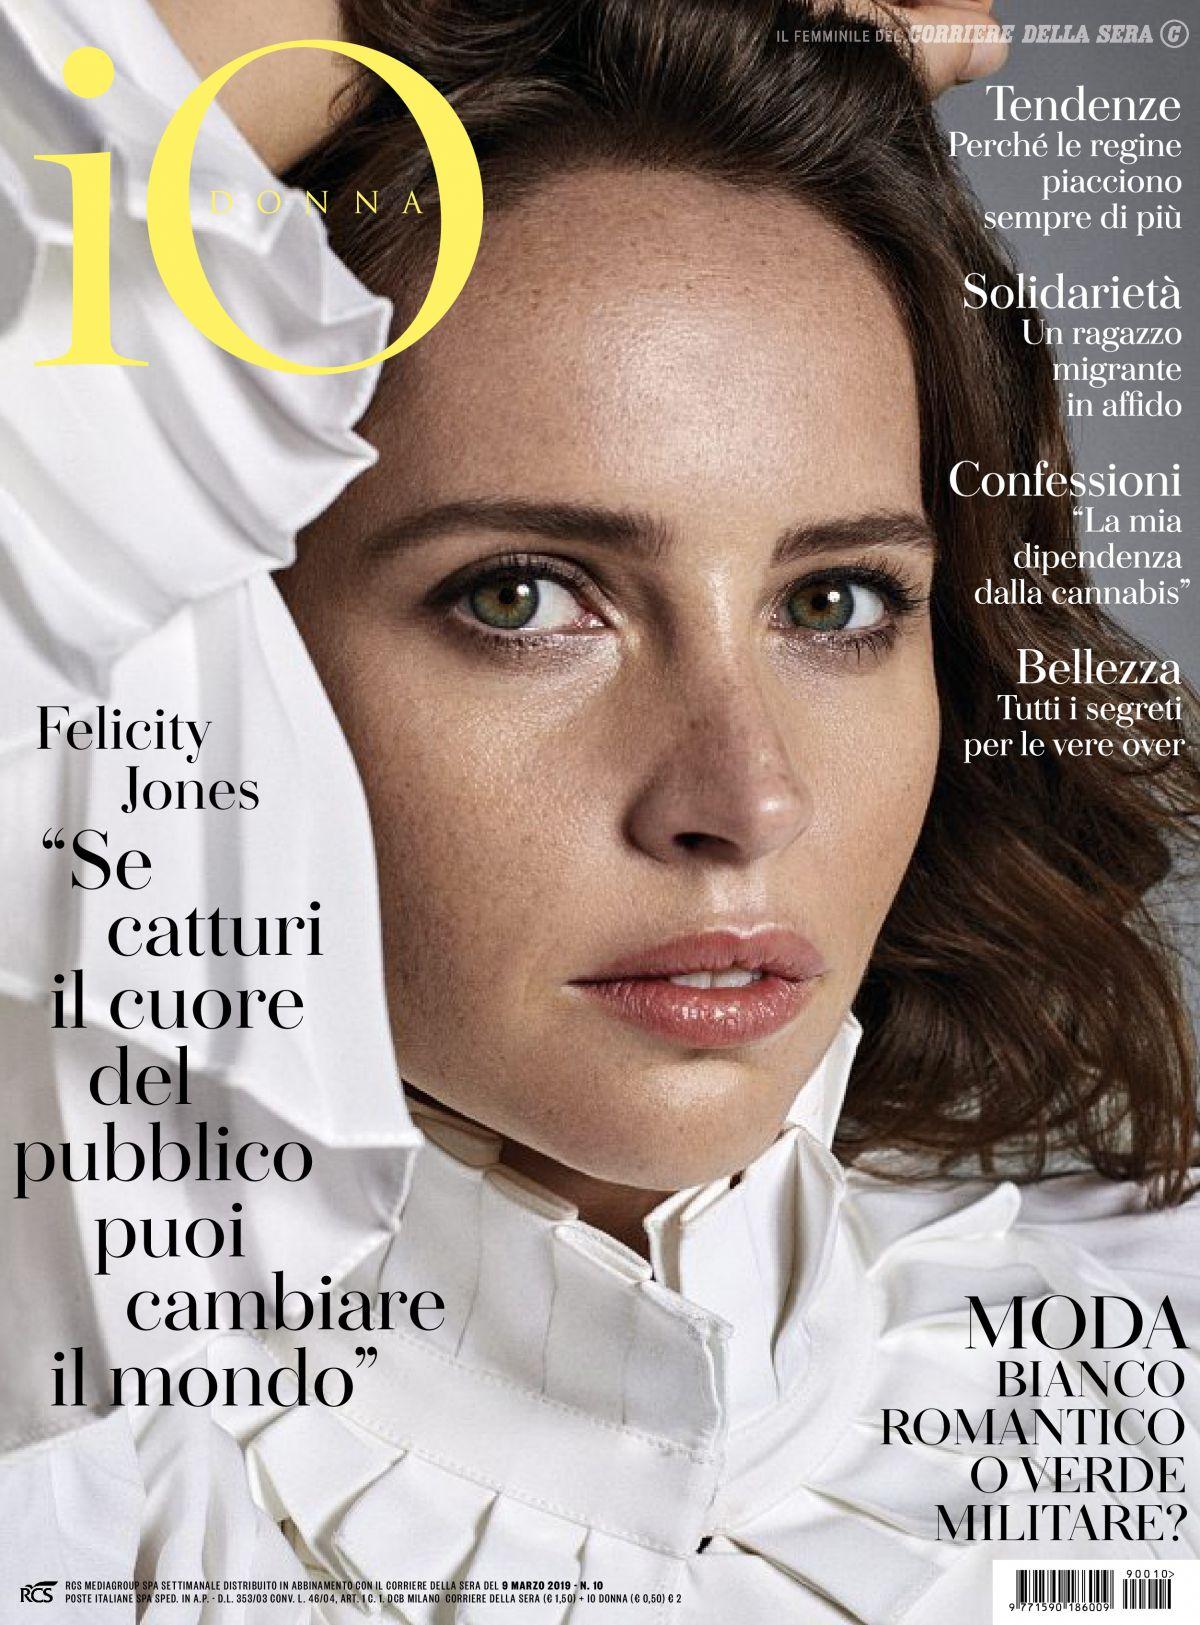 2278c52b98e4 FELICITY JONES in Io Donna Del Corriere Della Sera